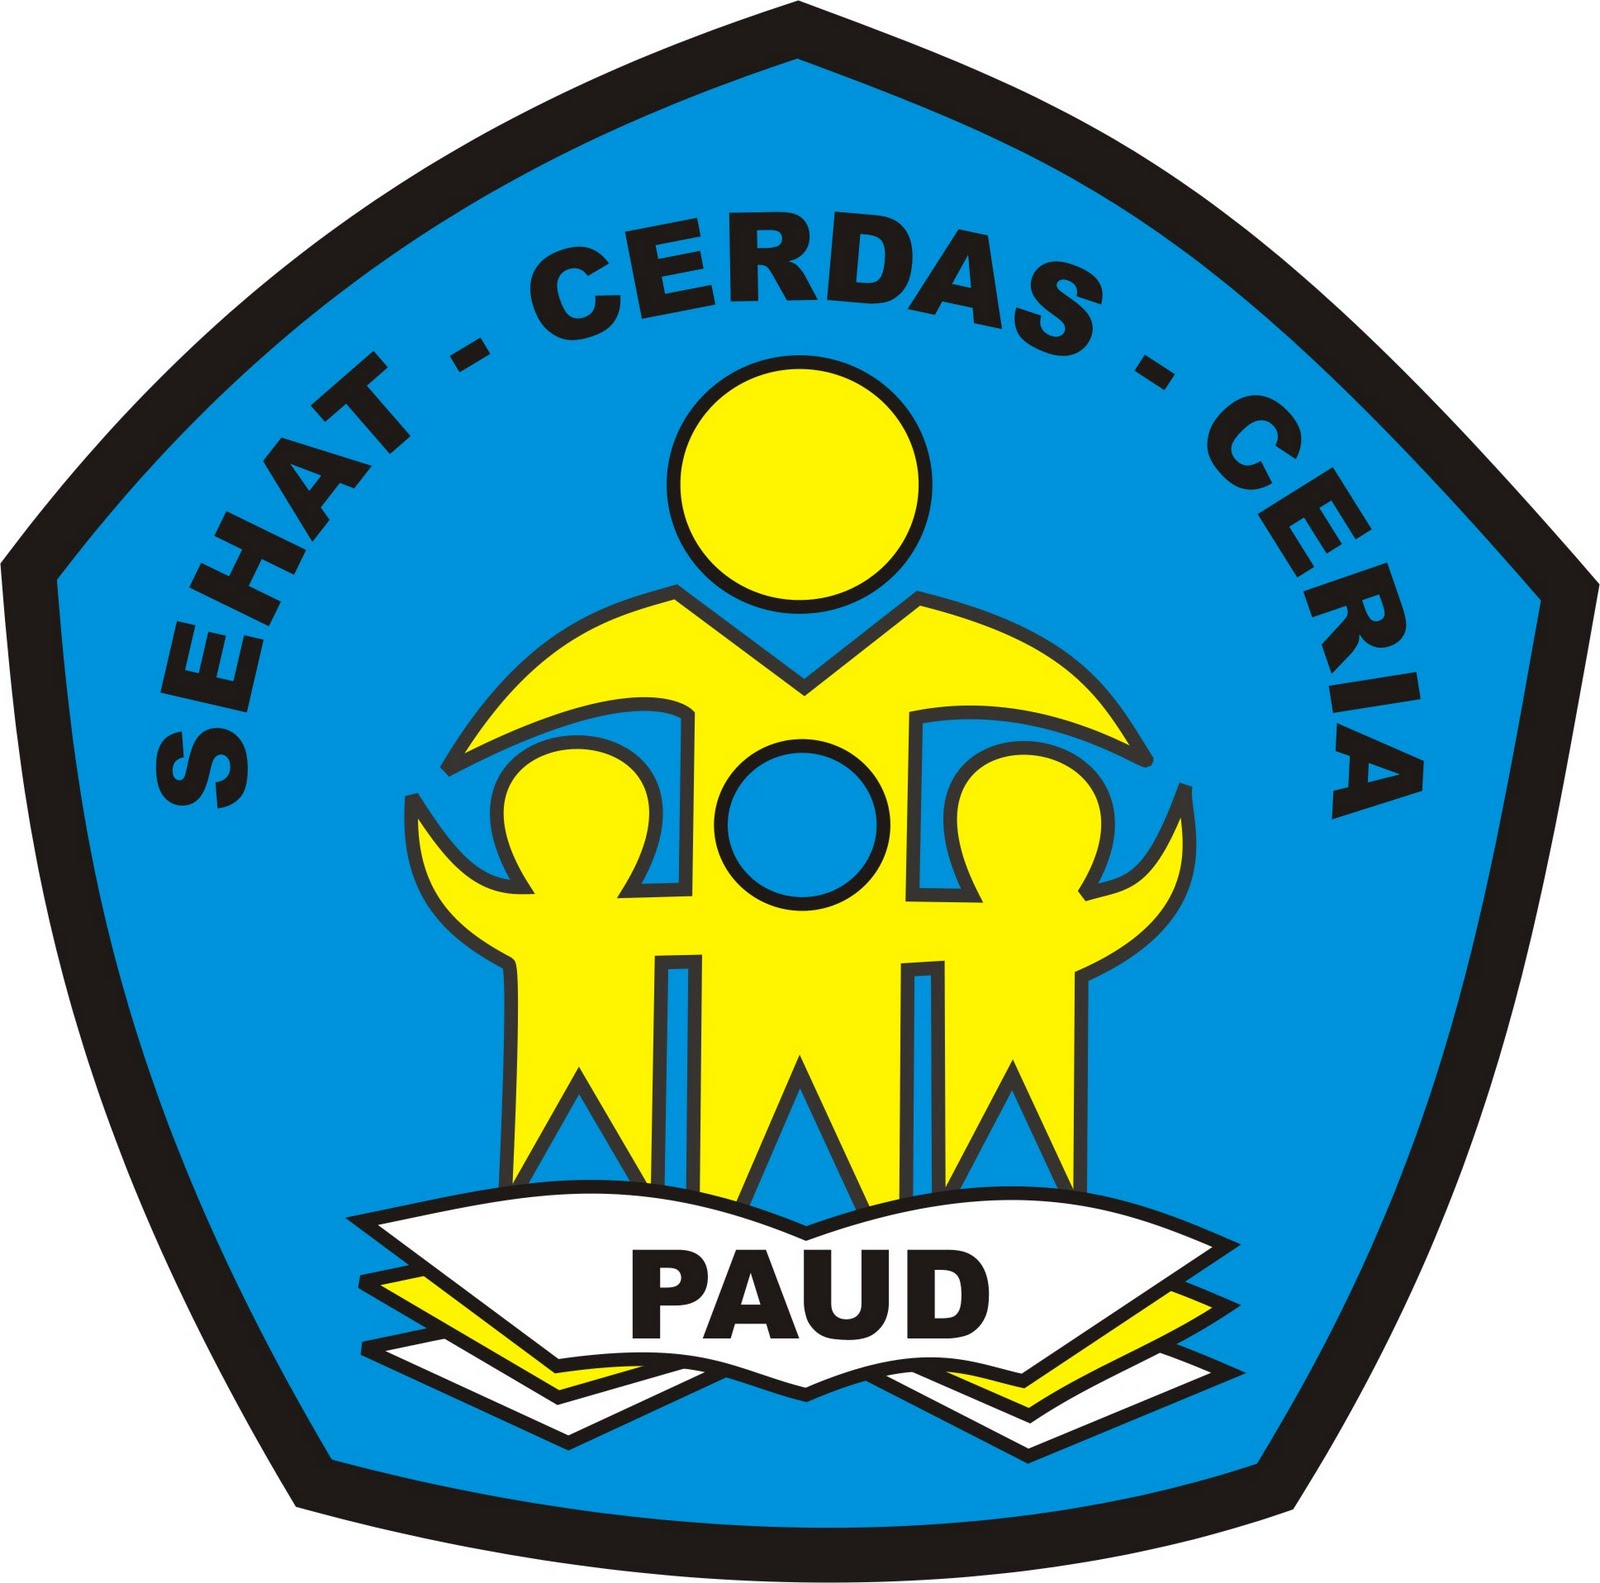 Logo Paud Nasional (Logo Pendidikan Anak Usia Dini)   Download Gratis